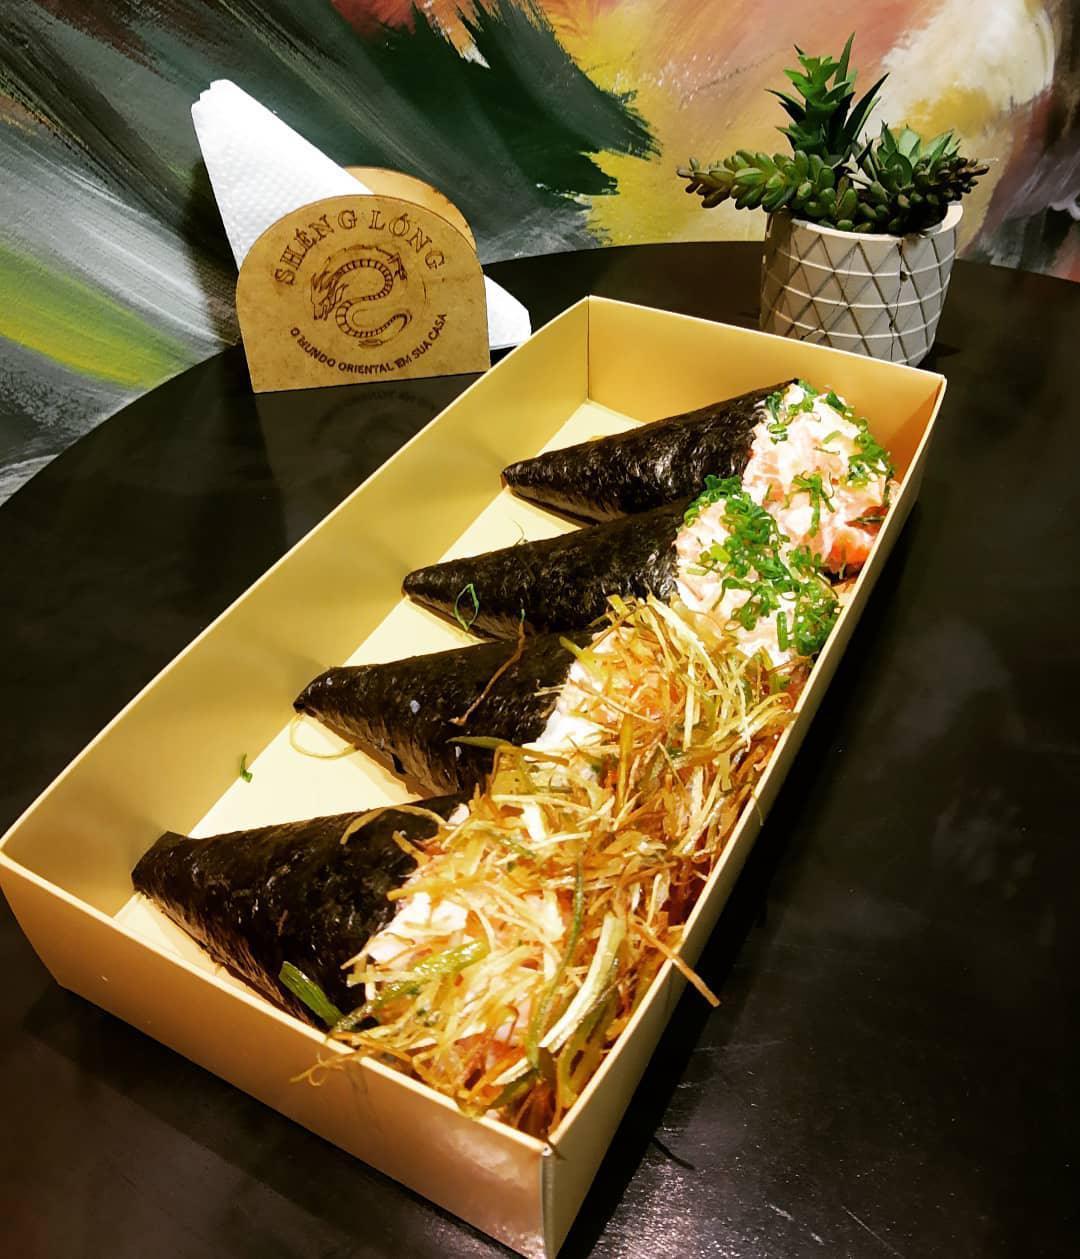 Shéng Lóng Delivery Japonês